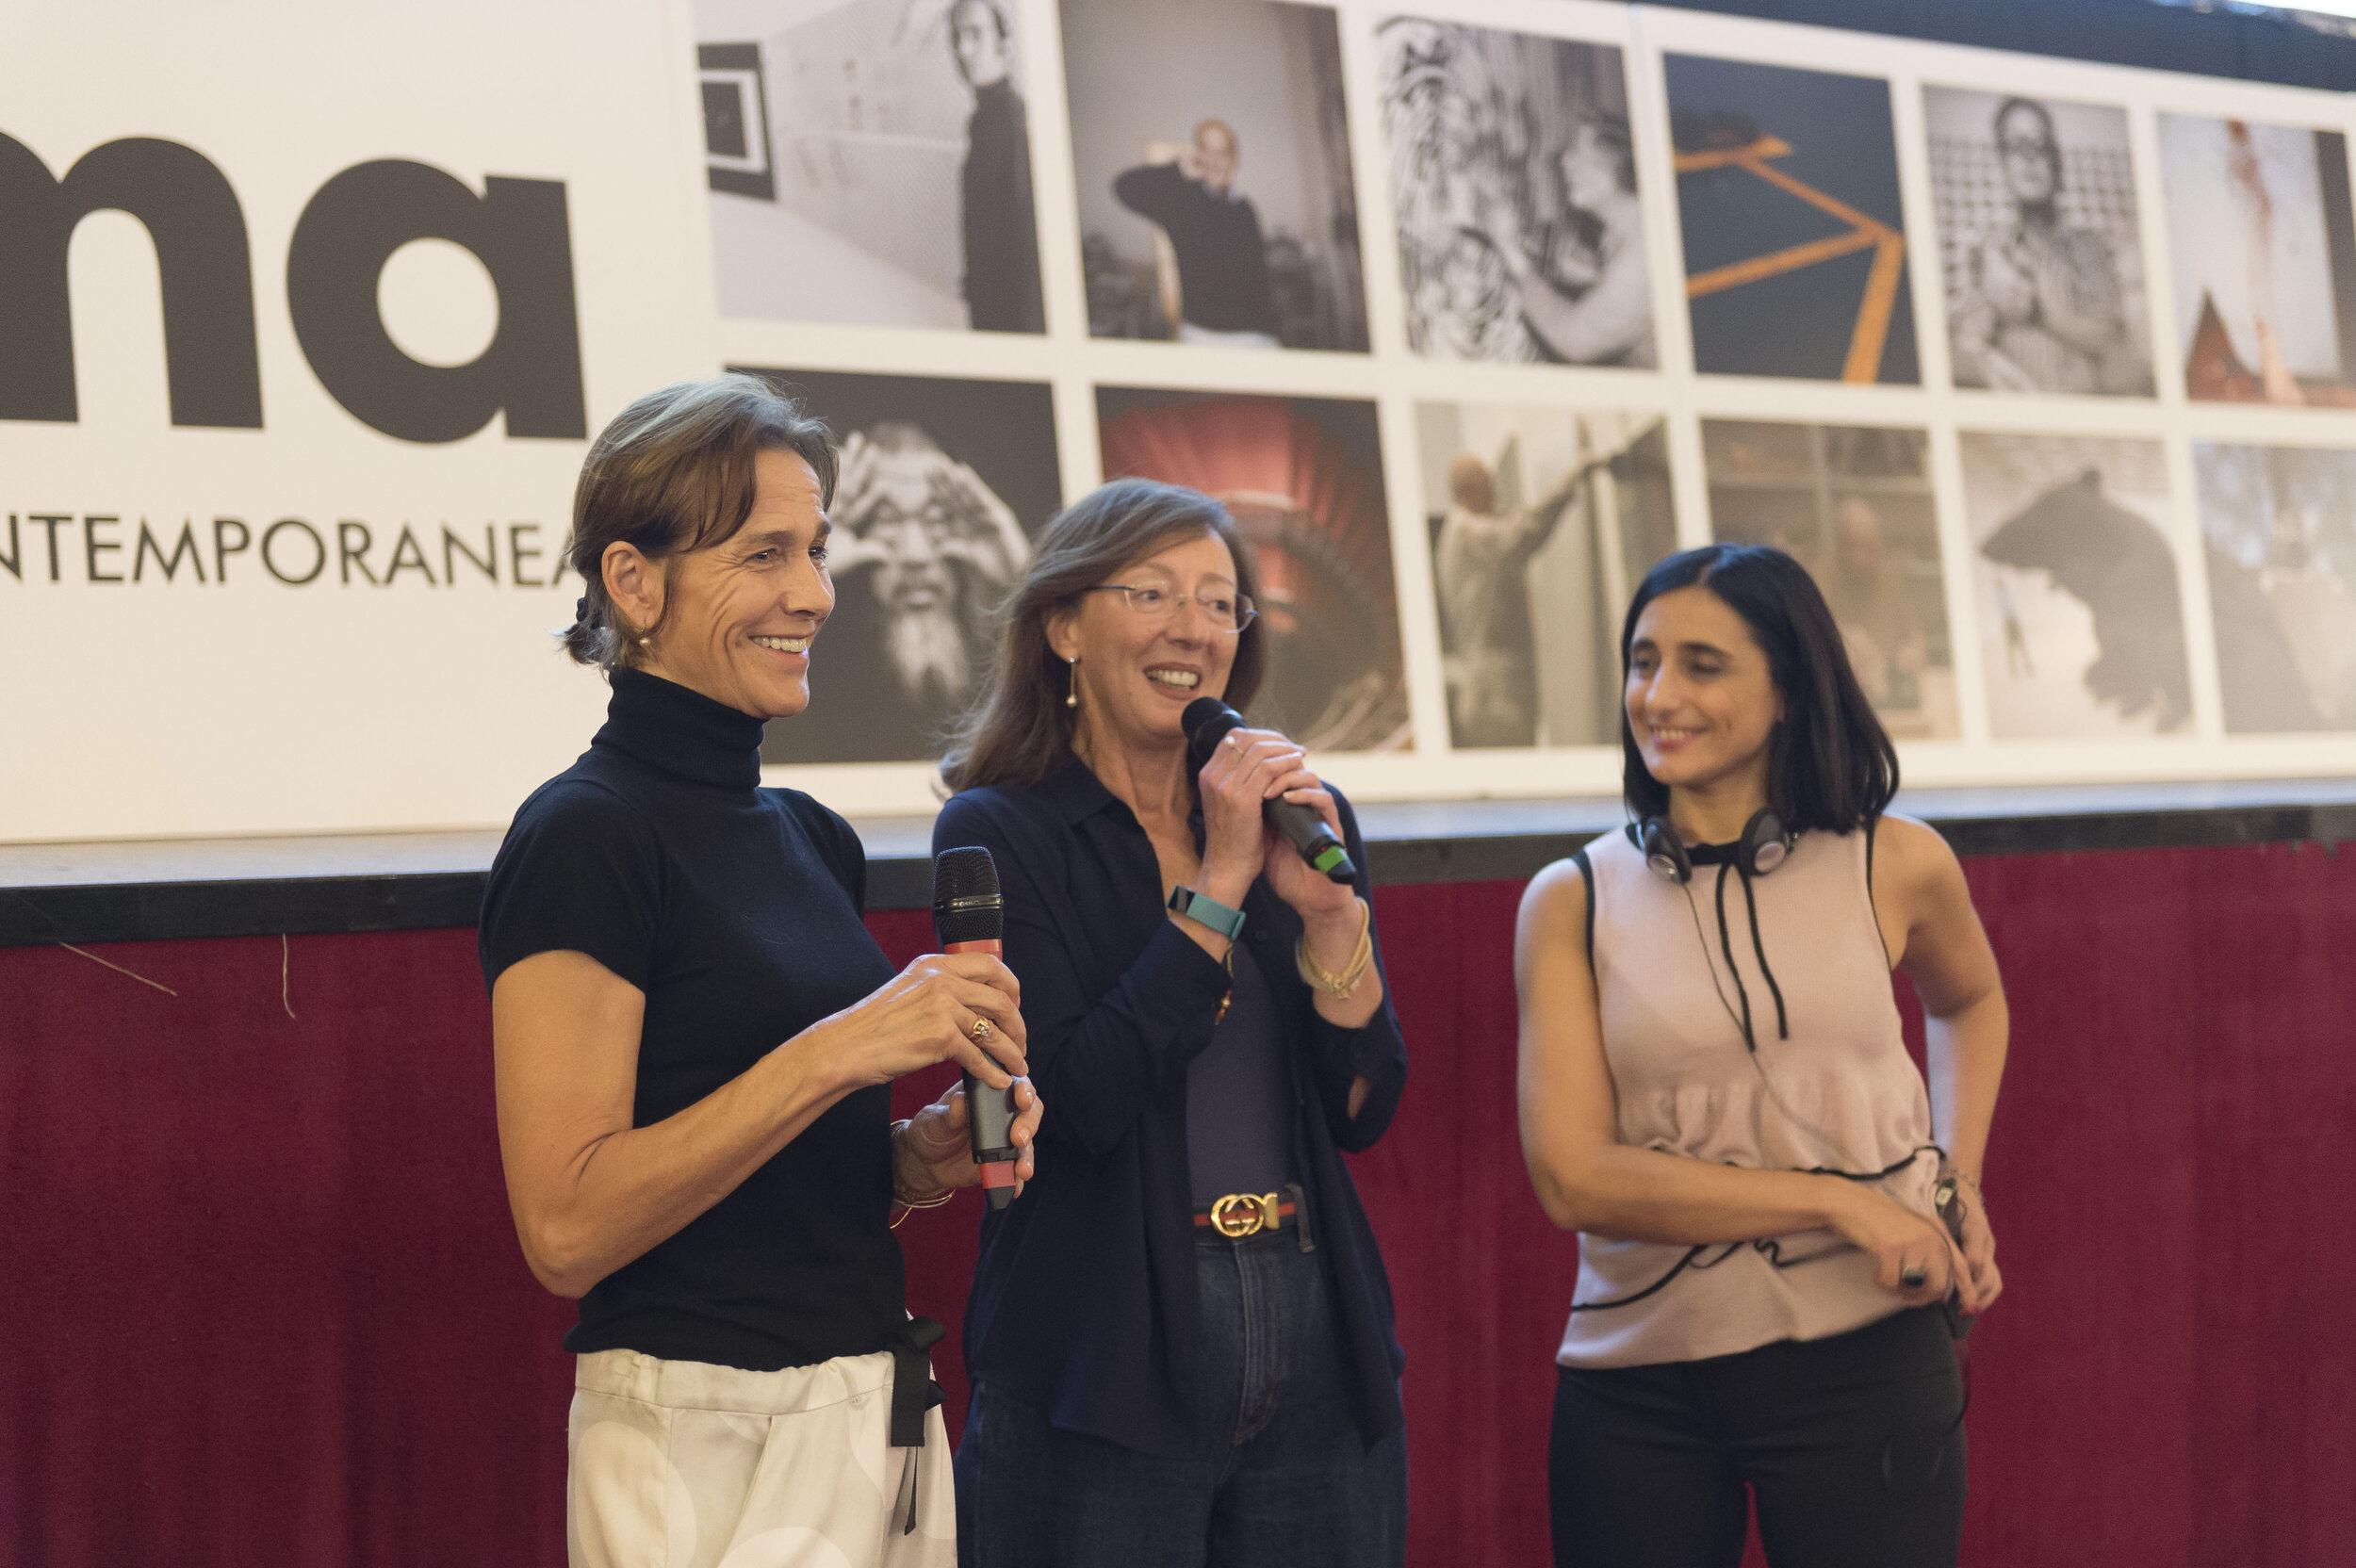 Artecinema 2019_ph Francesco Squeglia_9915.jpg